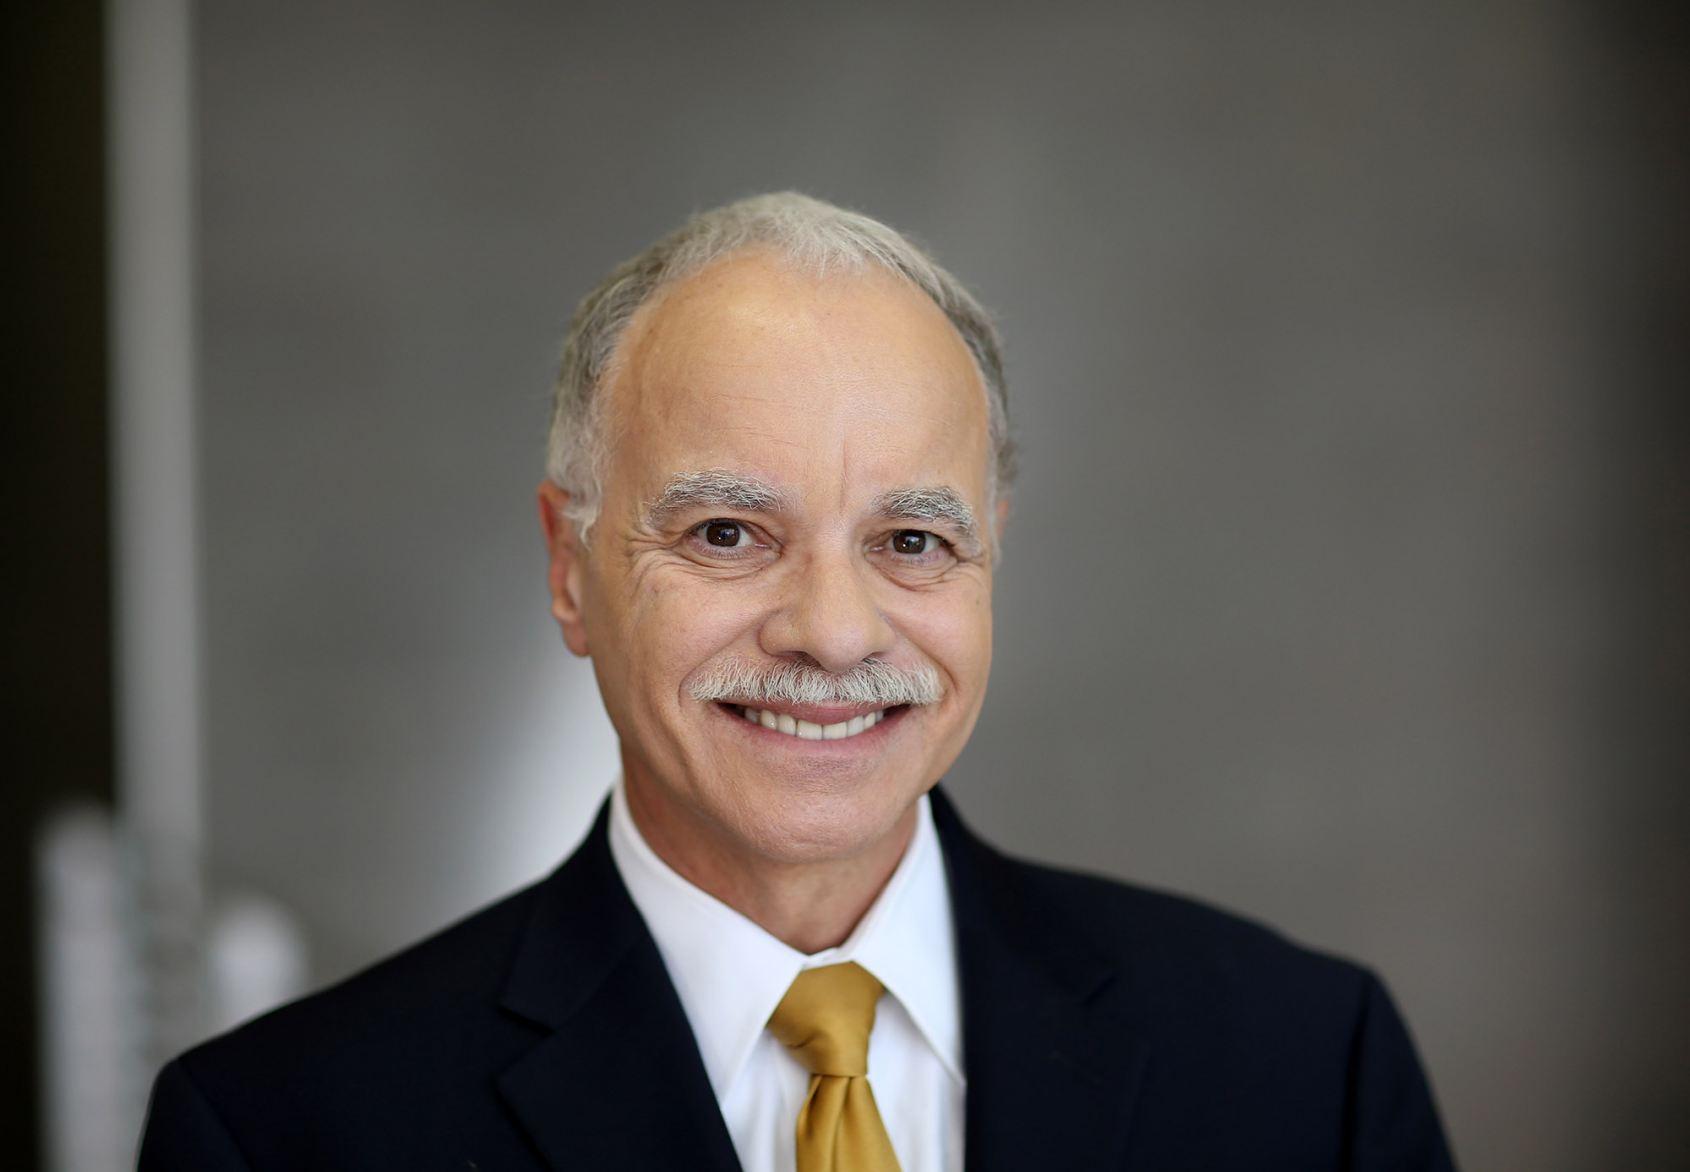 President William A. Covino (Credit: Cal State LA)